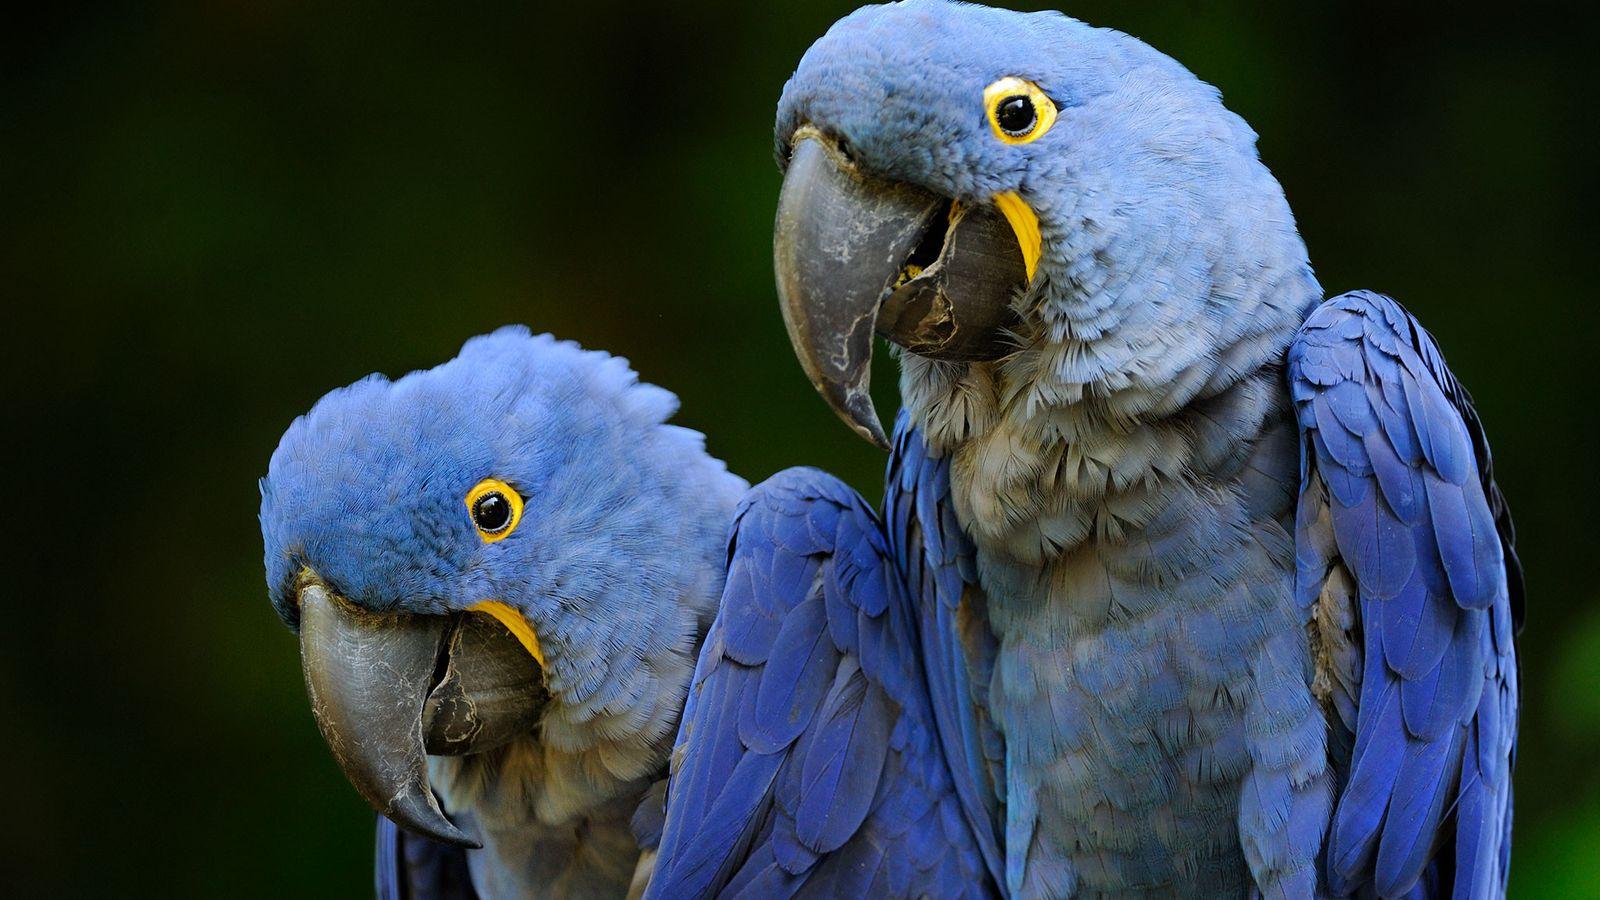 A compra e a venda de araras-azuis capturadas na natureza são proibidas. Embora seja legal comercializar ...